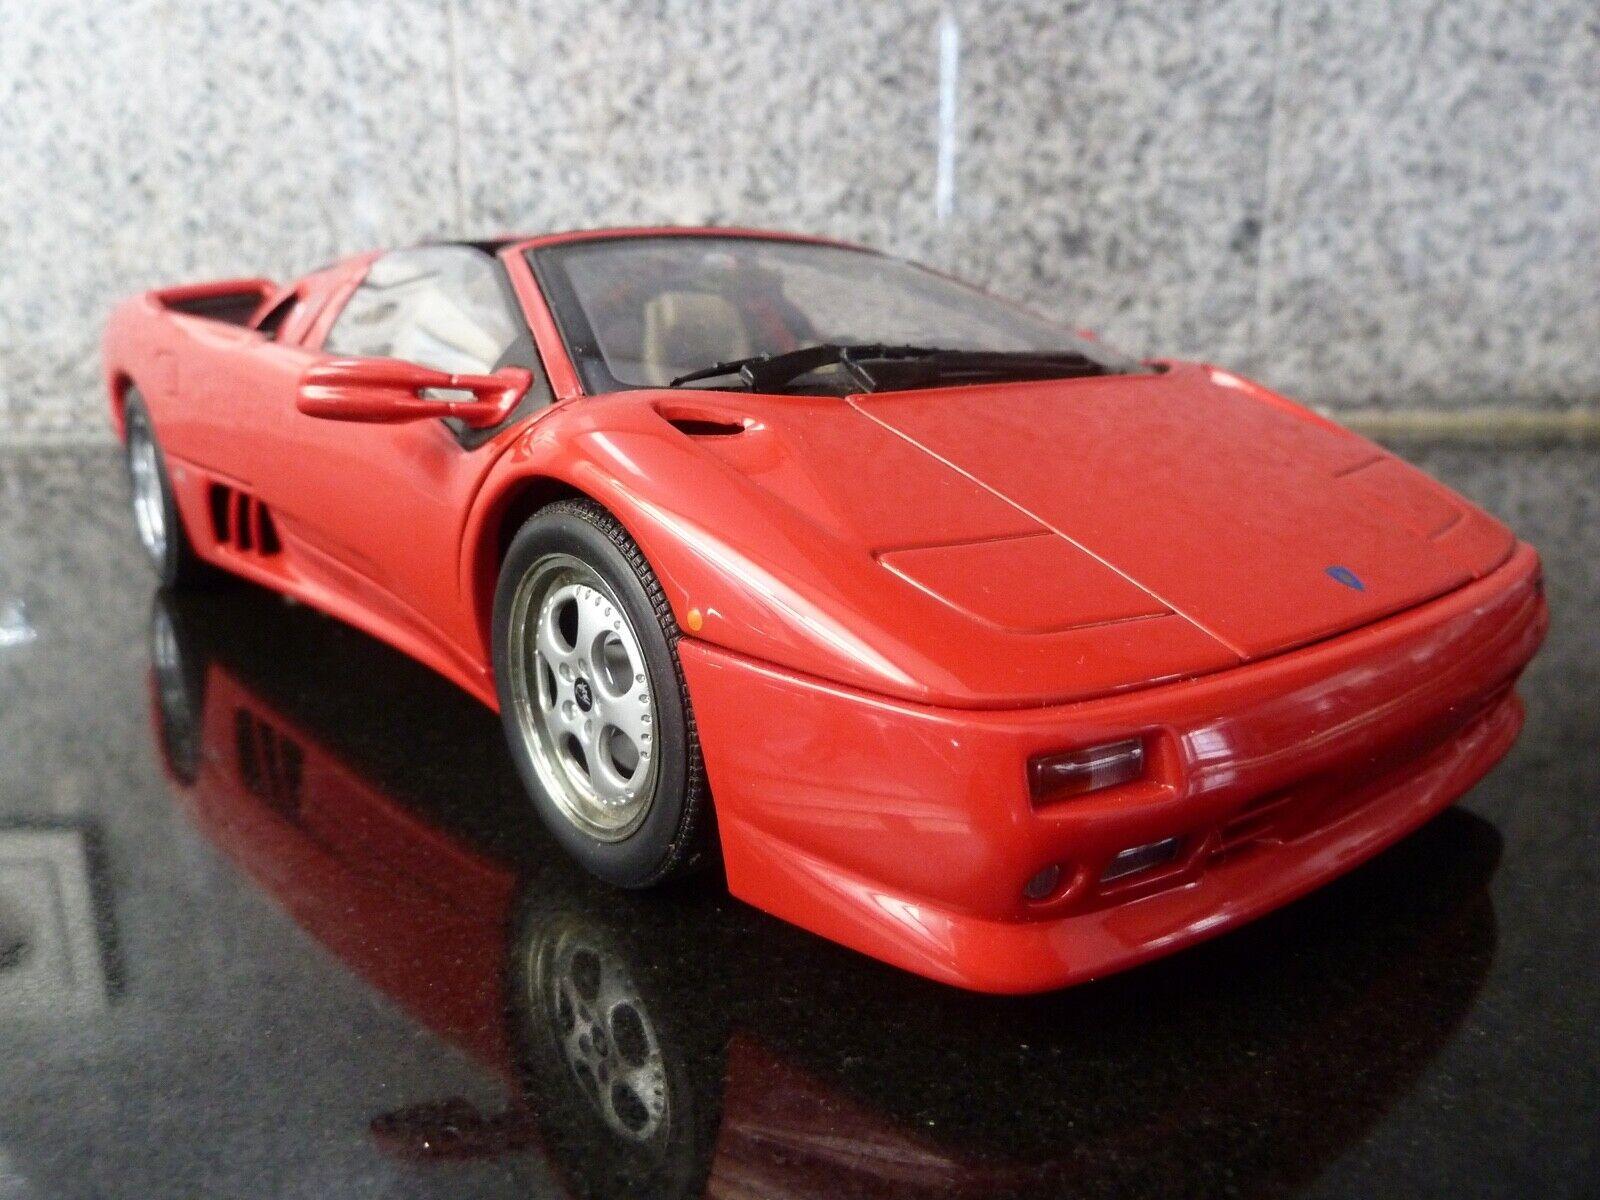 1 18 CarArt, Lamborghini Diablo Roadster